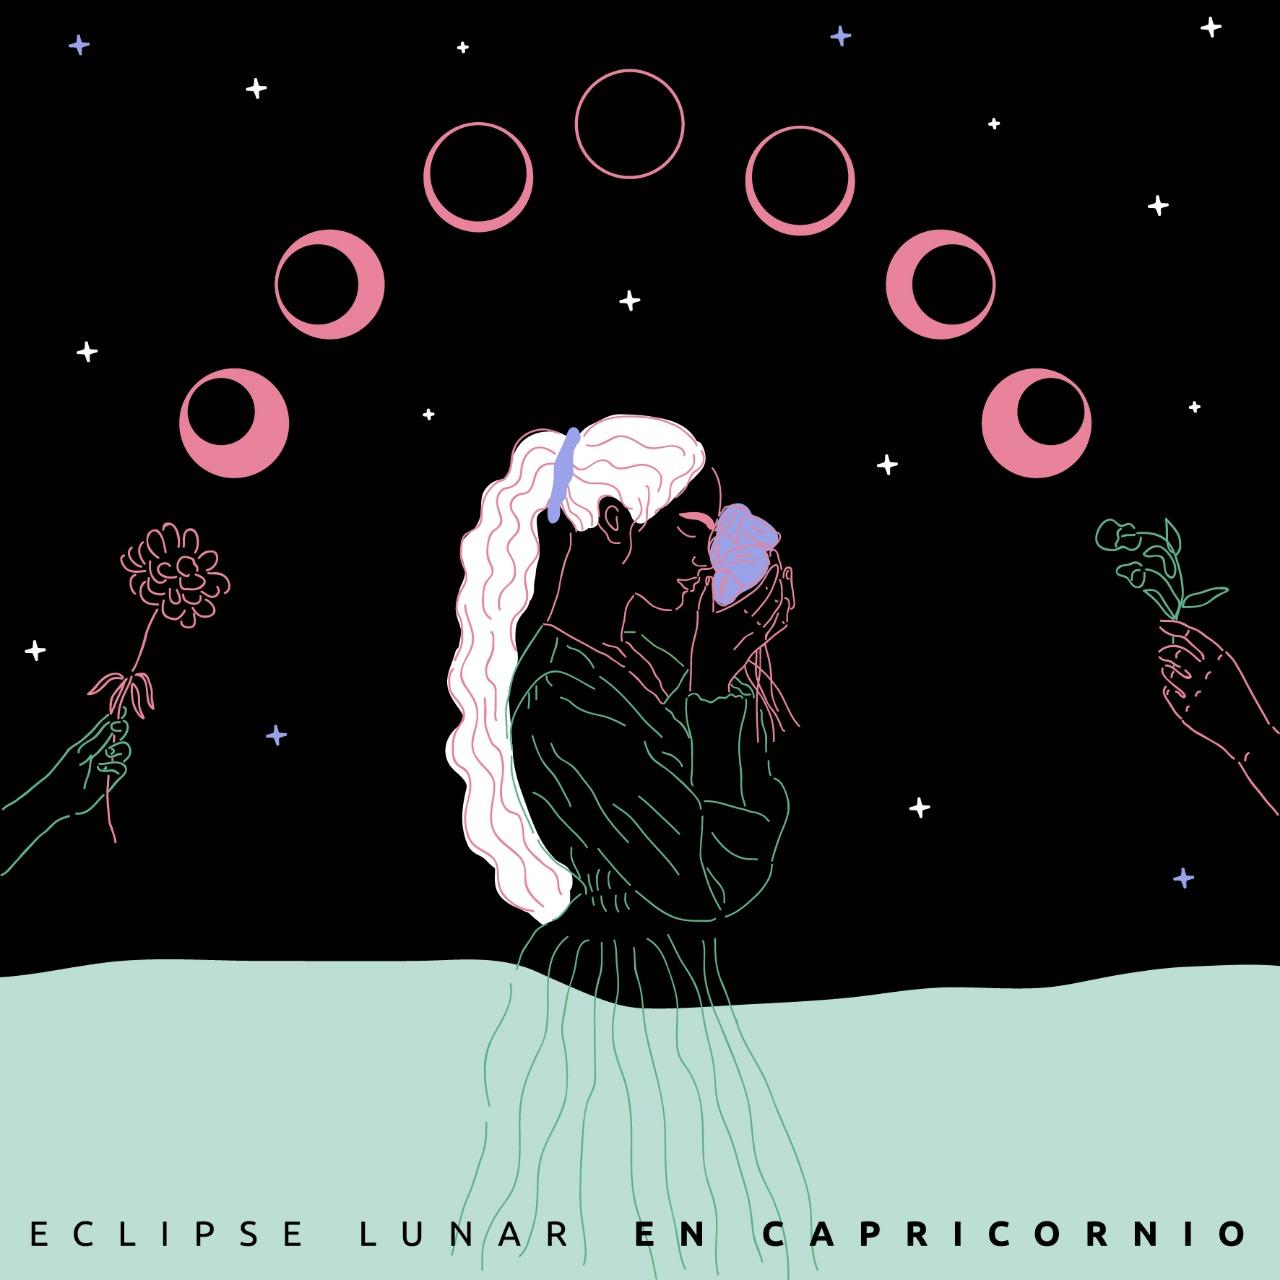 hola eclipse parcial en capricornio